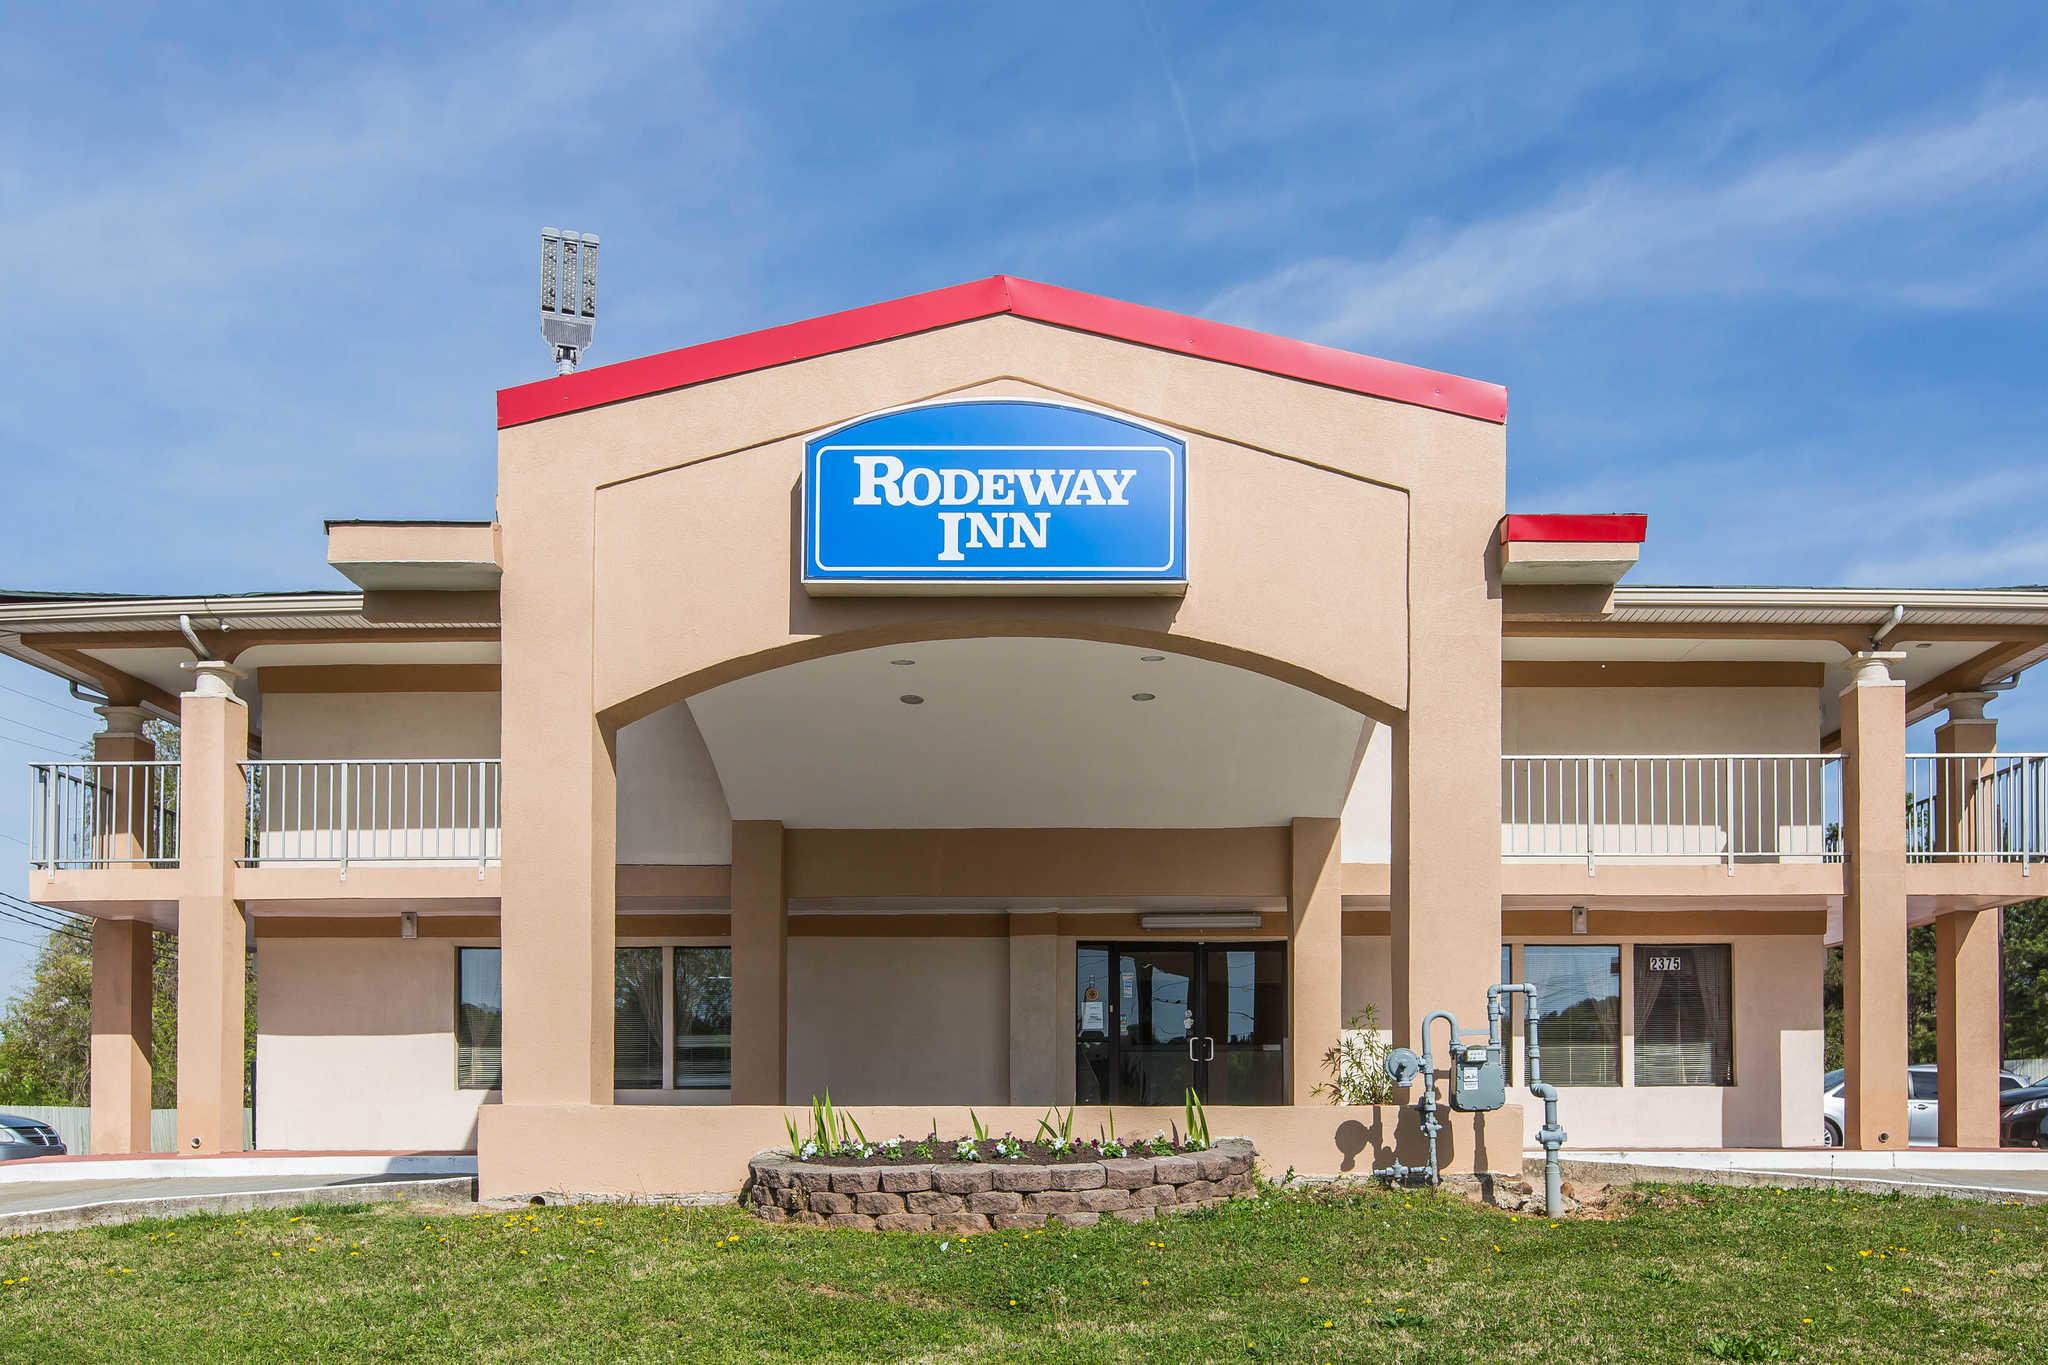 Rodeway Inn & Suites image 1